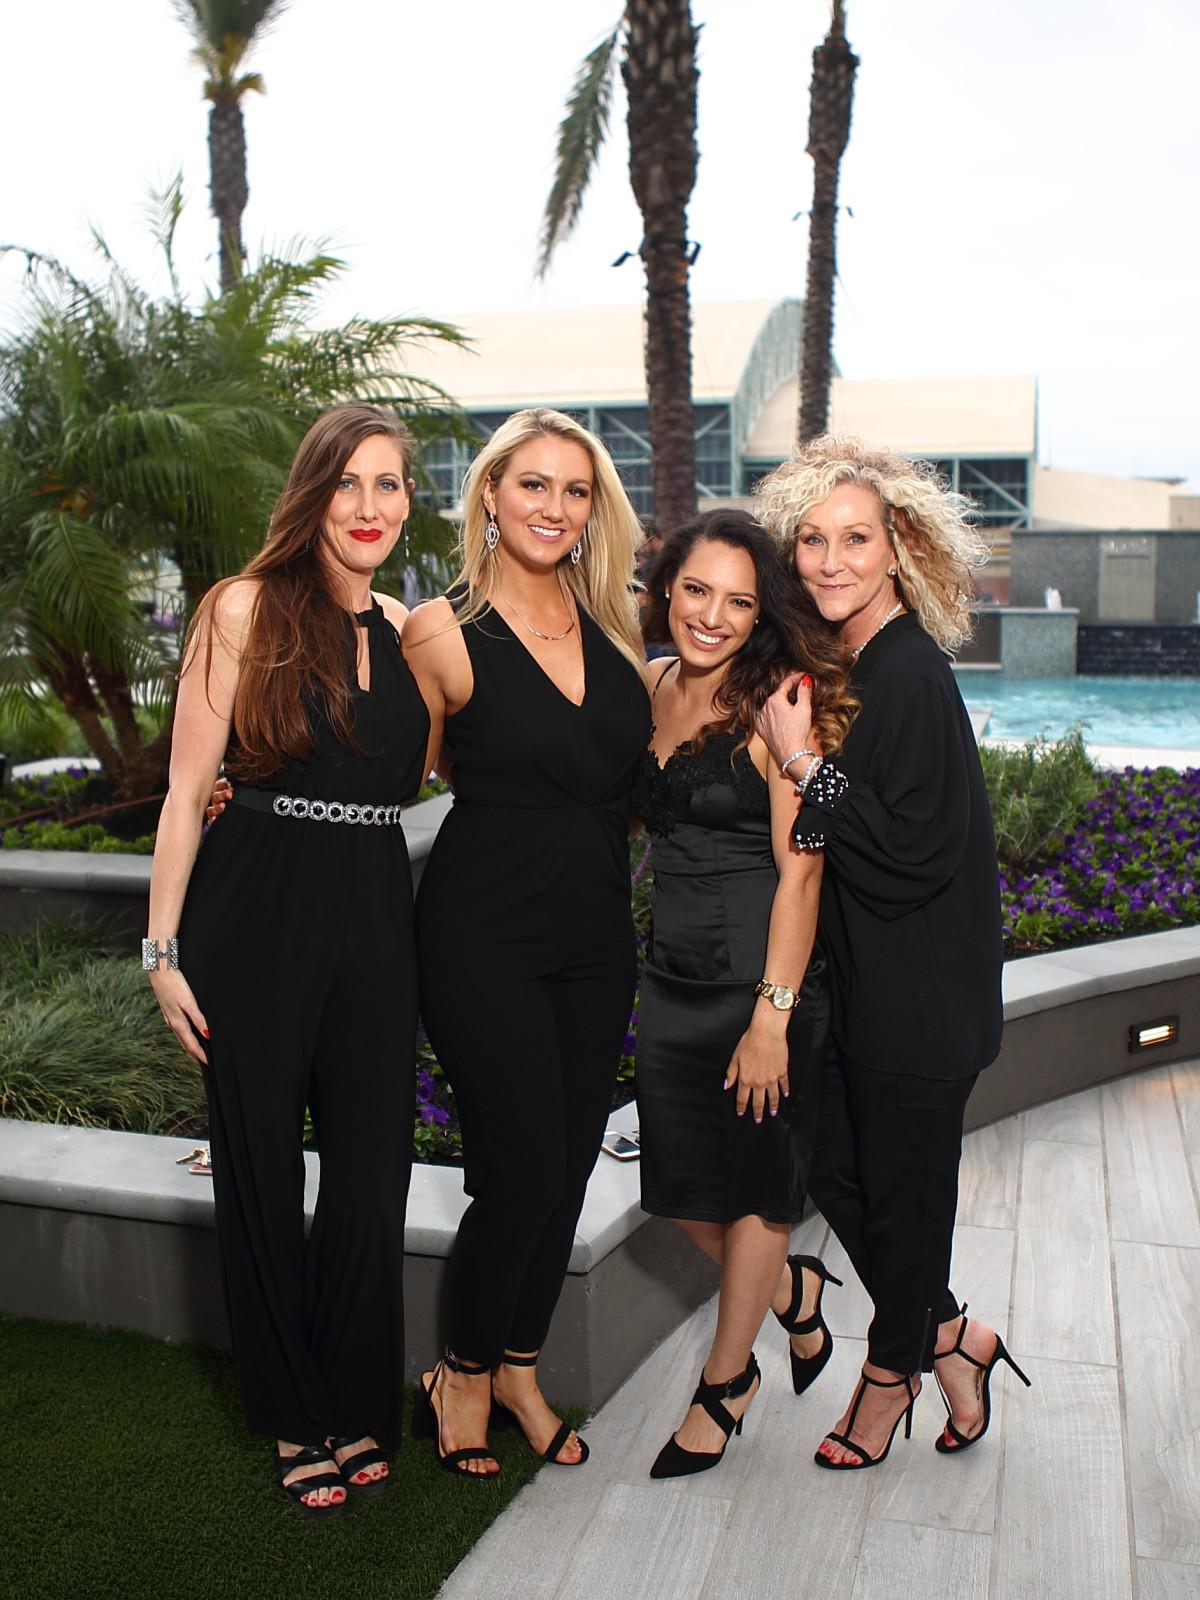 catalyst houston Brandy Vogel, Brittney White, Amber Nicole, and Dovie Jo Culver